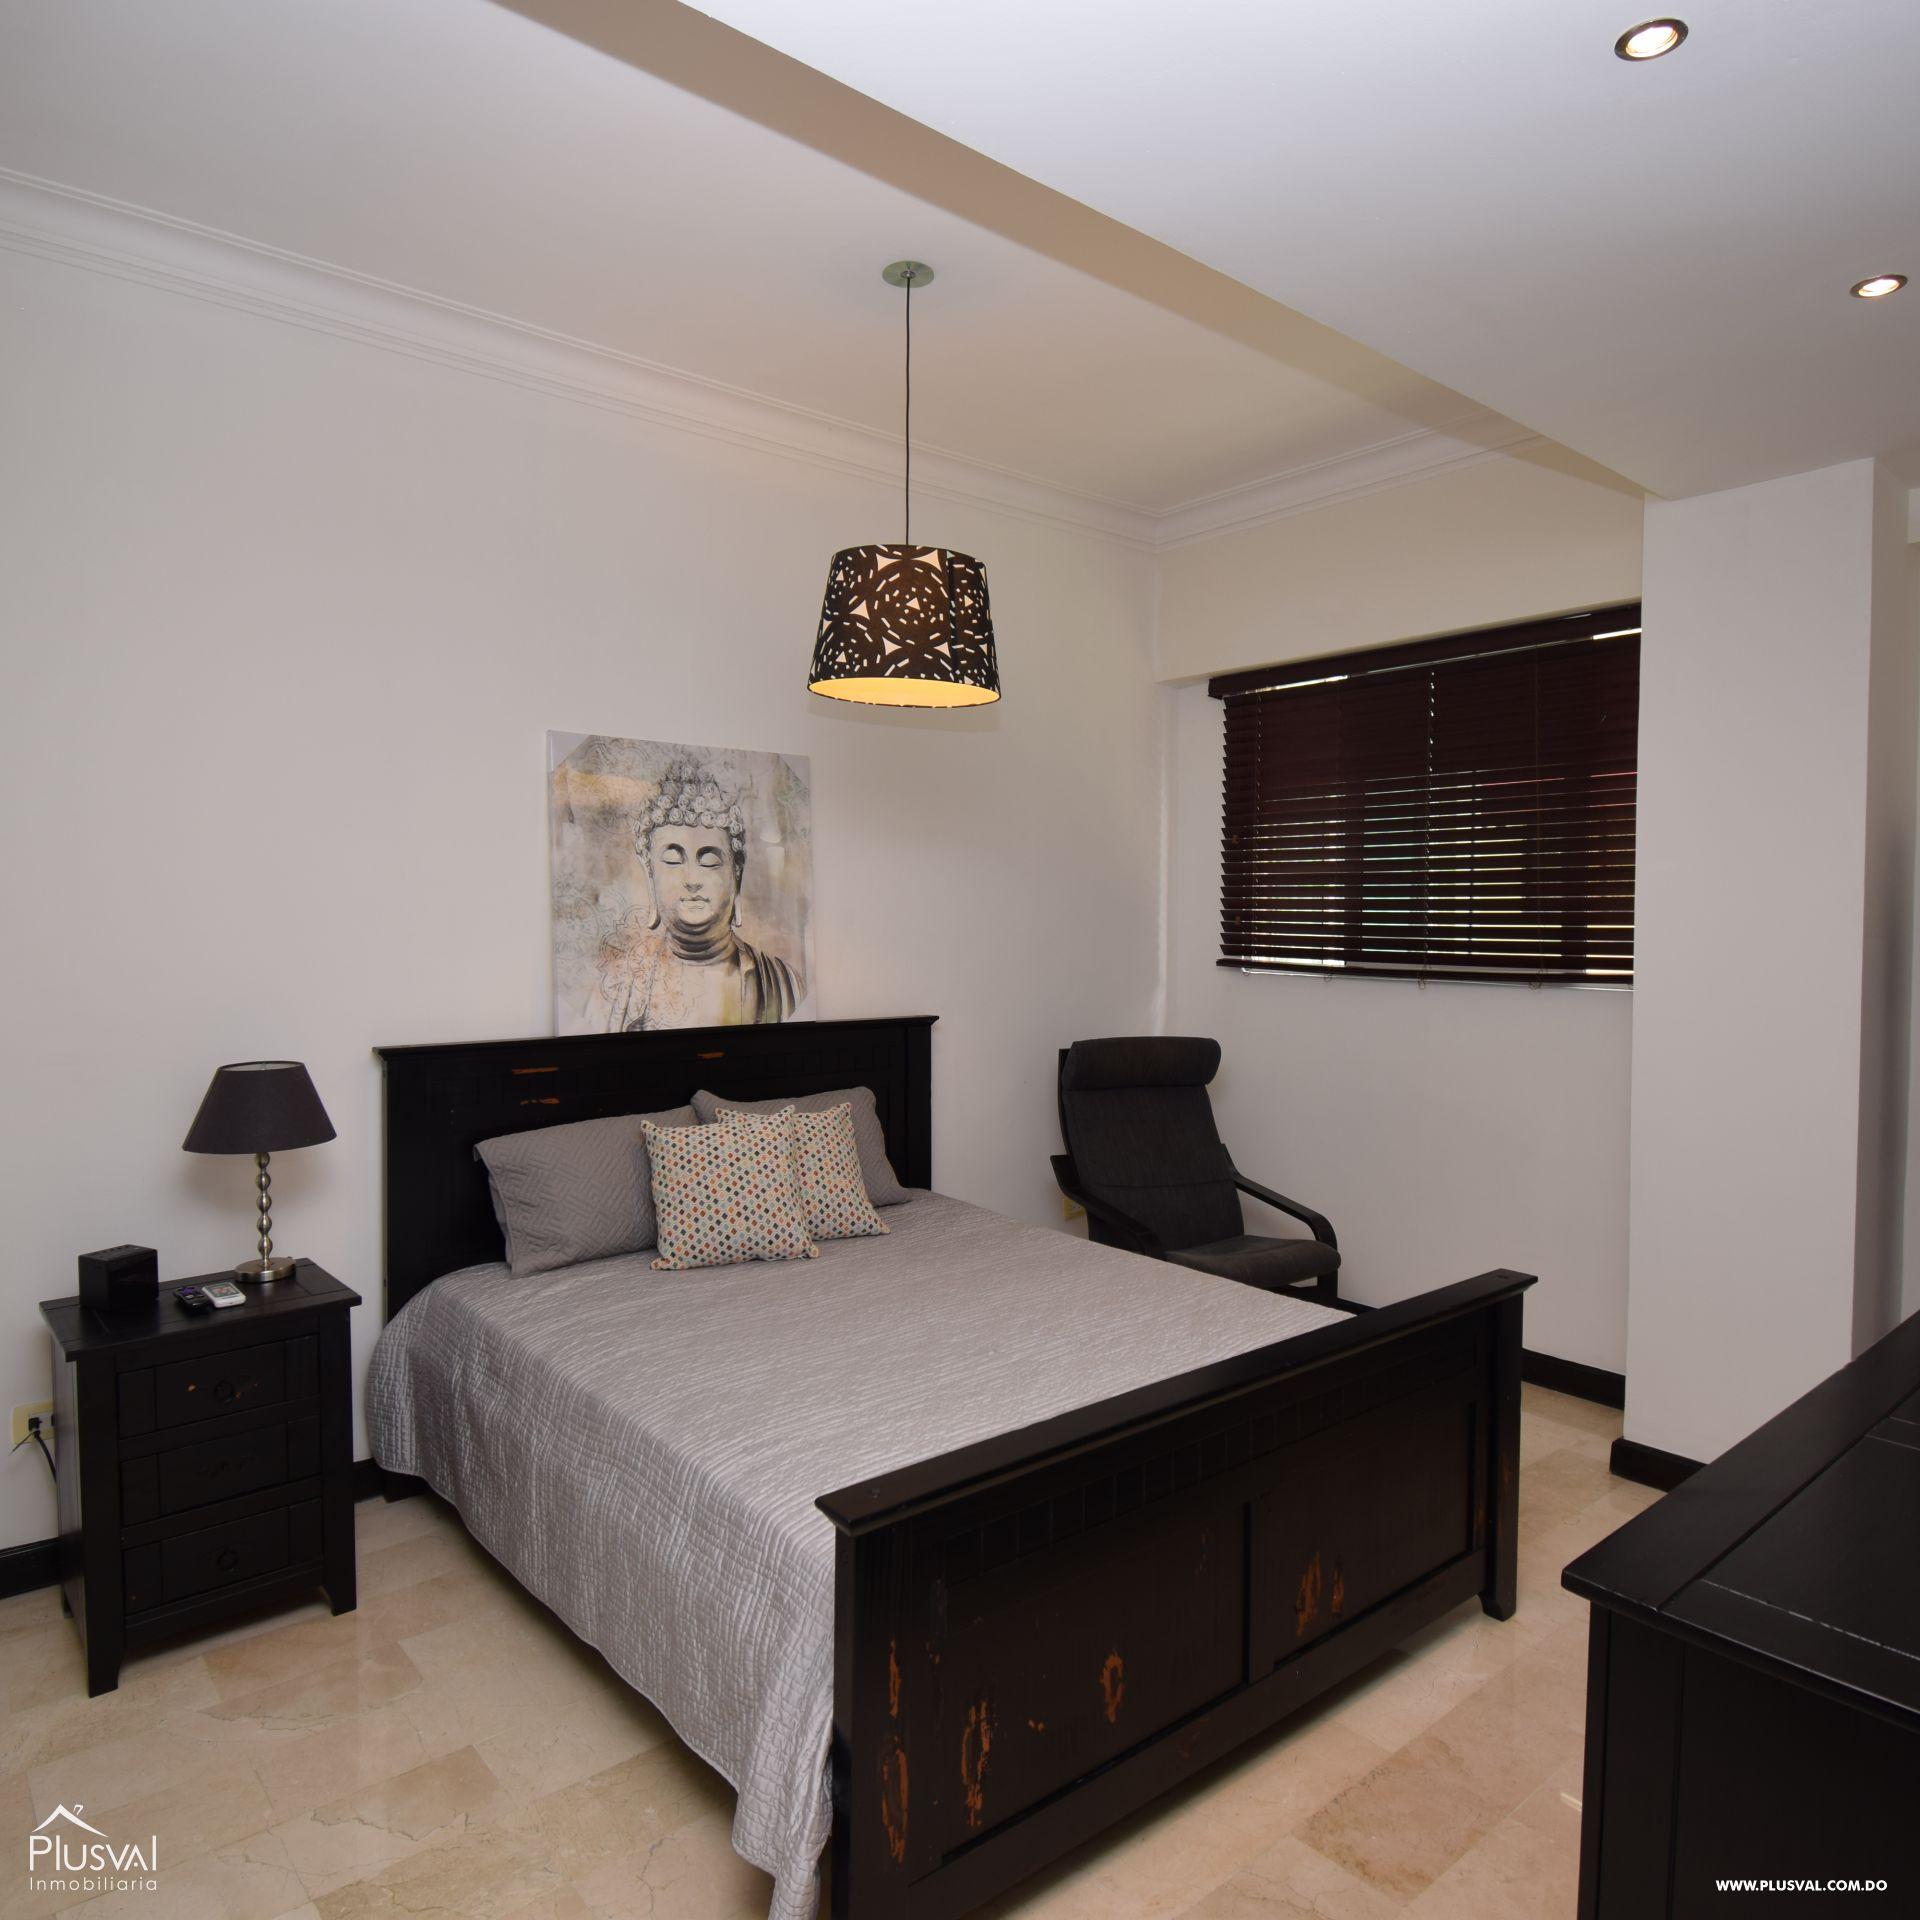 Apartamento en alquiler amueblado en Naco 154915